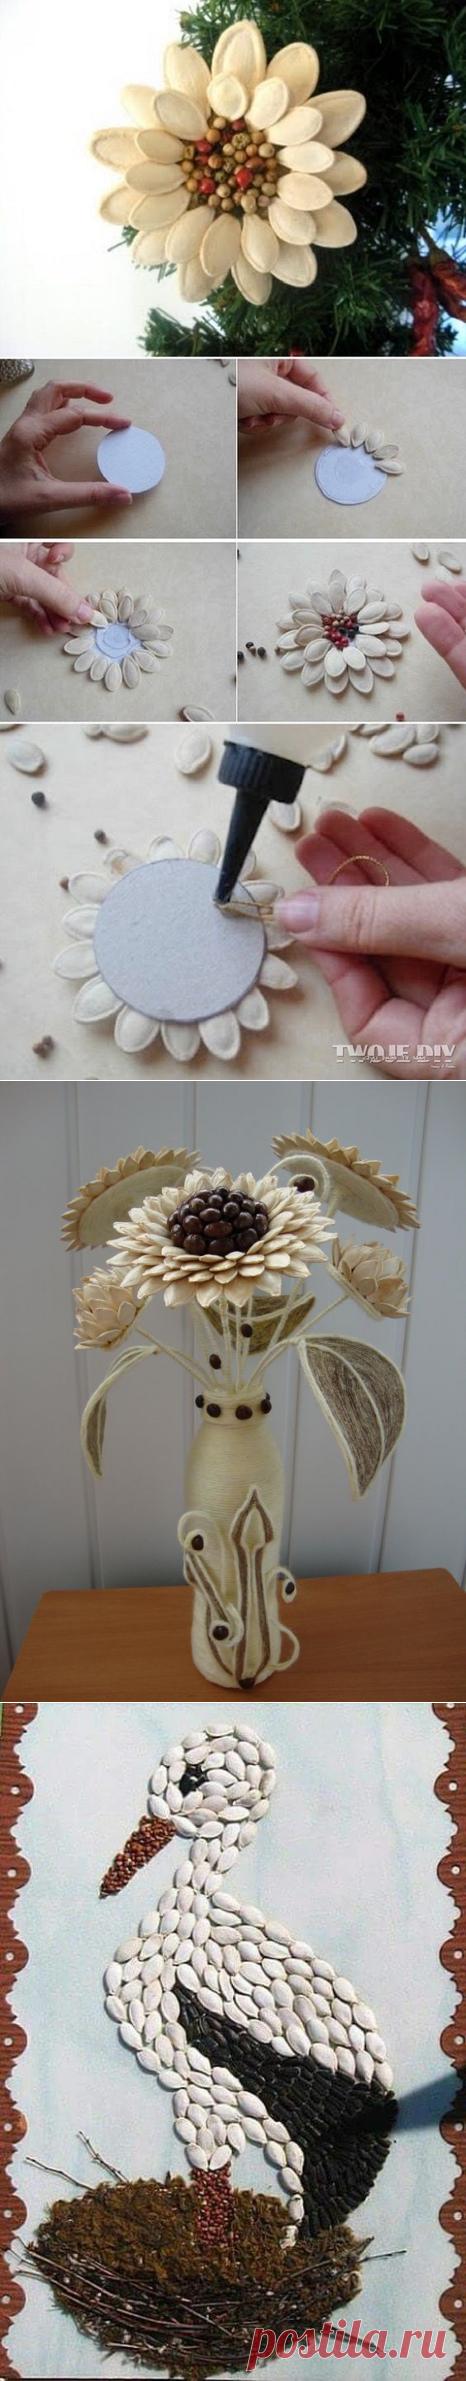 Идеи поделок из тыквенных семечек для украшения кухни — Сделай сам, идеи для творчества - DIY Ideas